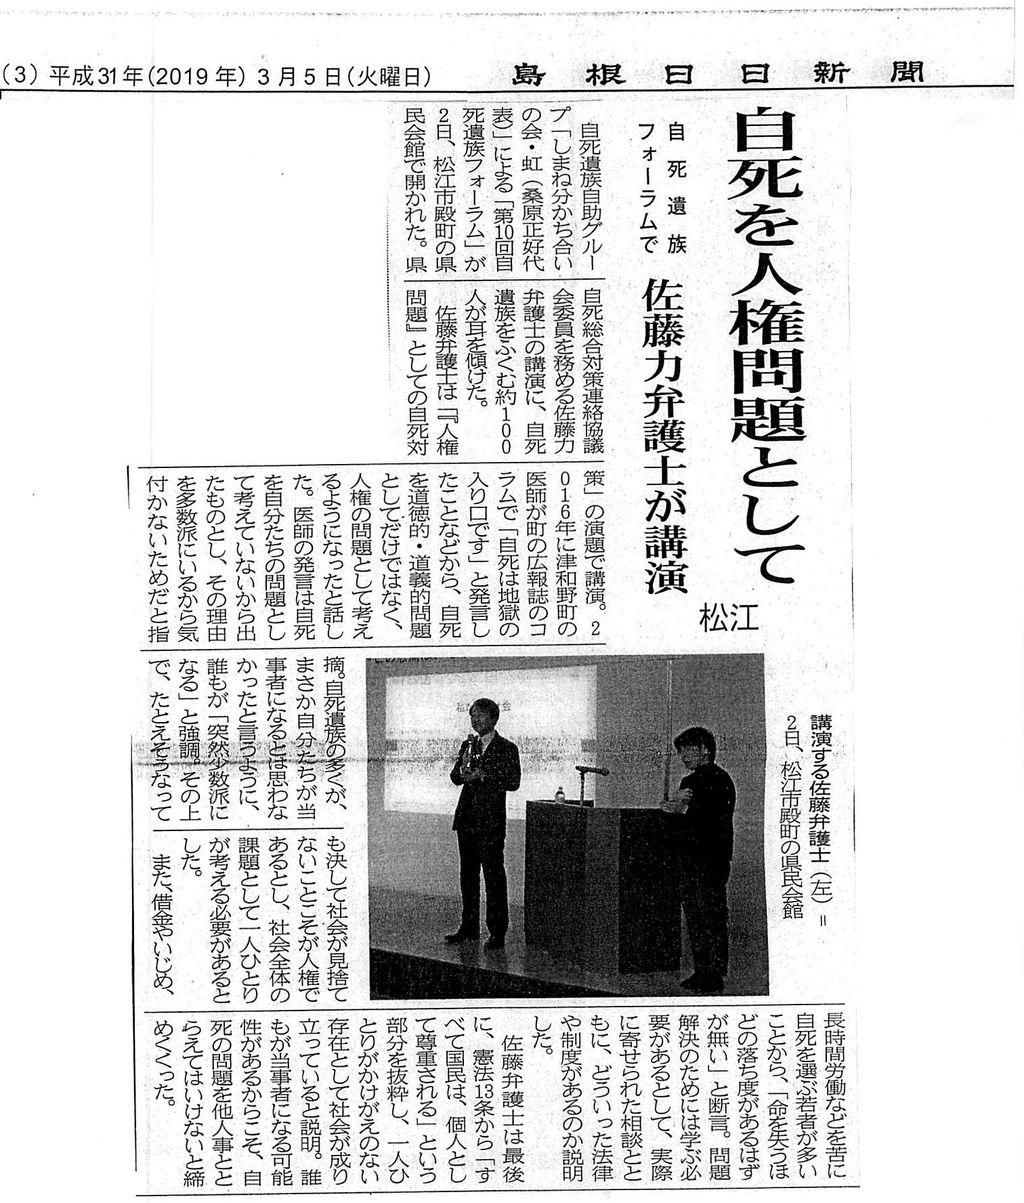 自死遺族フォーラム・2019年3月3日_ページ_3